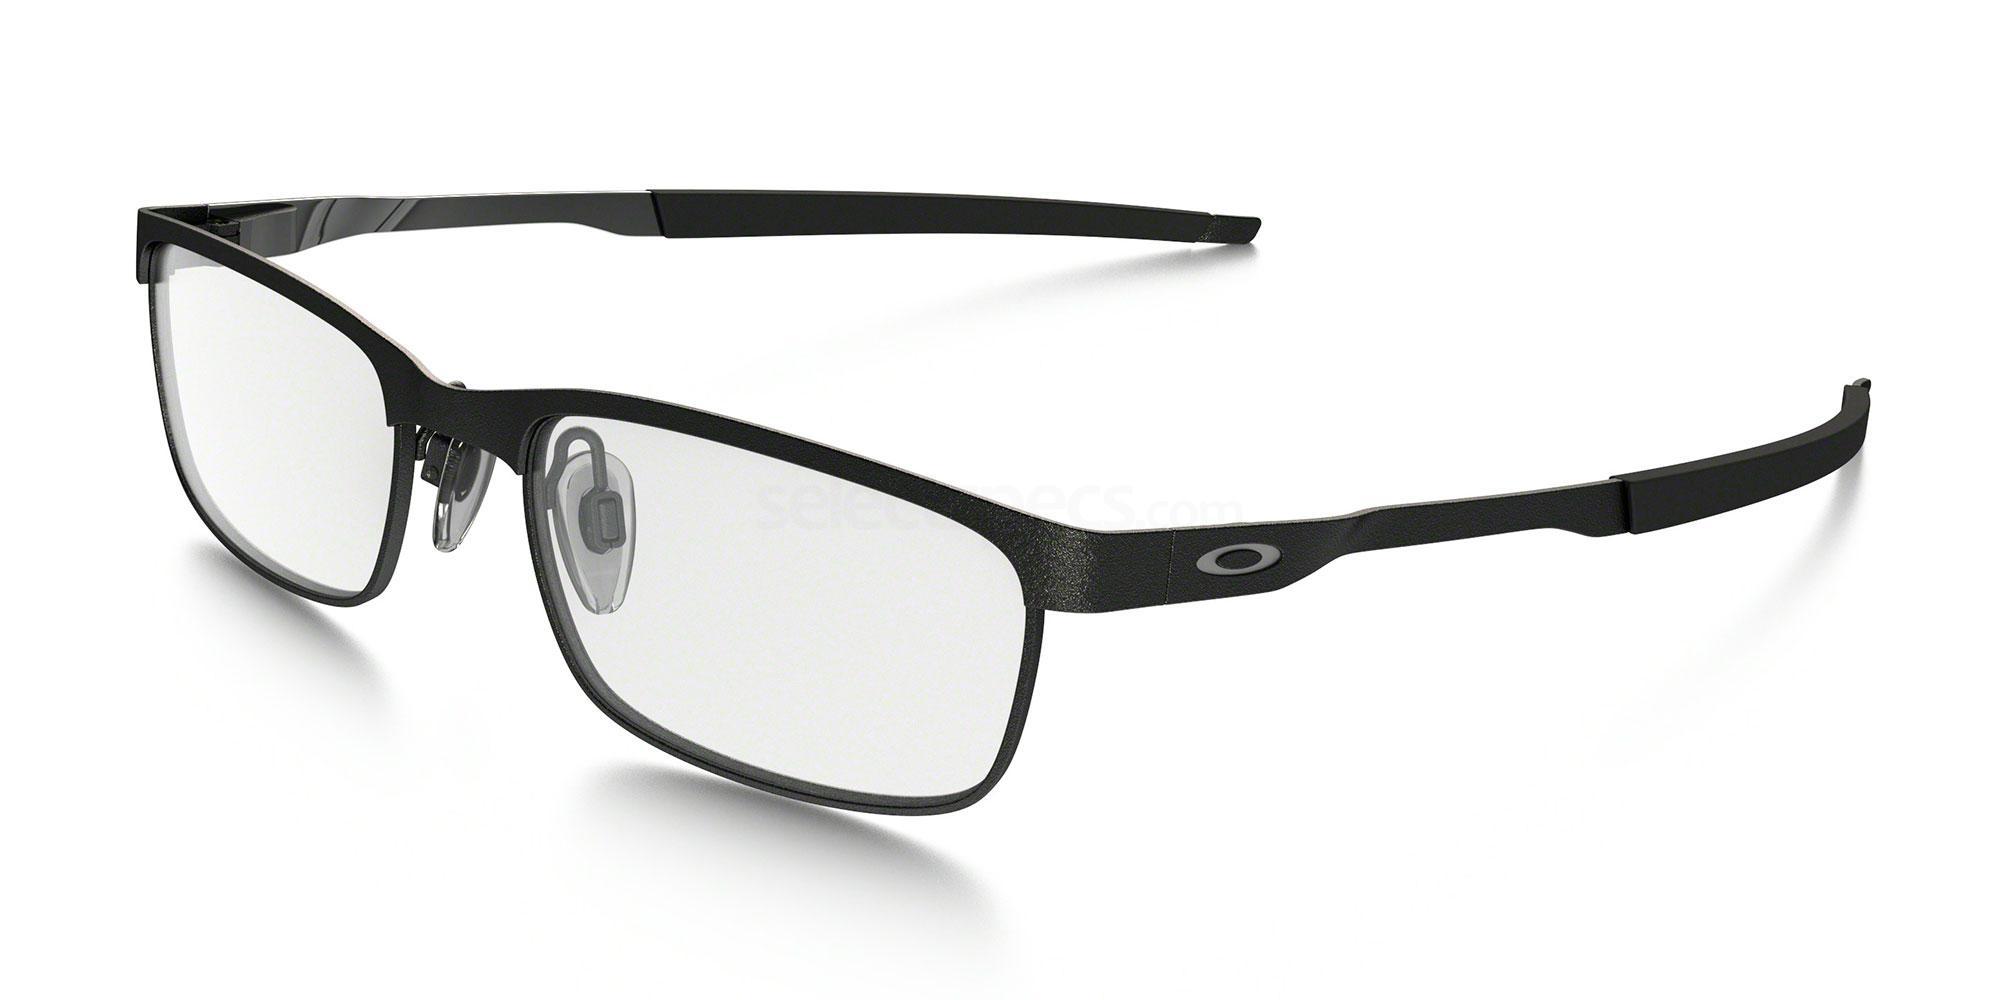 322201 OX3222 STEEL PLATE Glasses, Oakley